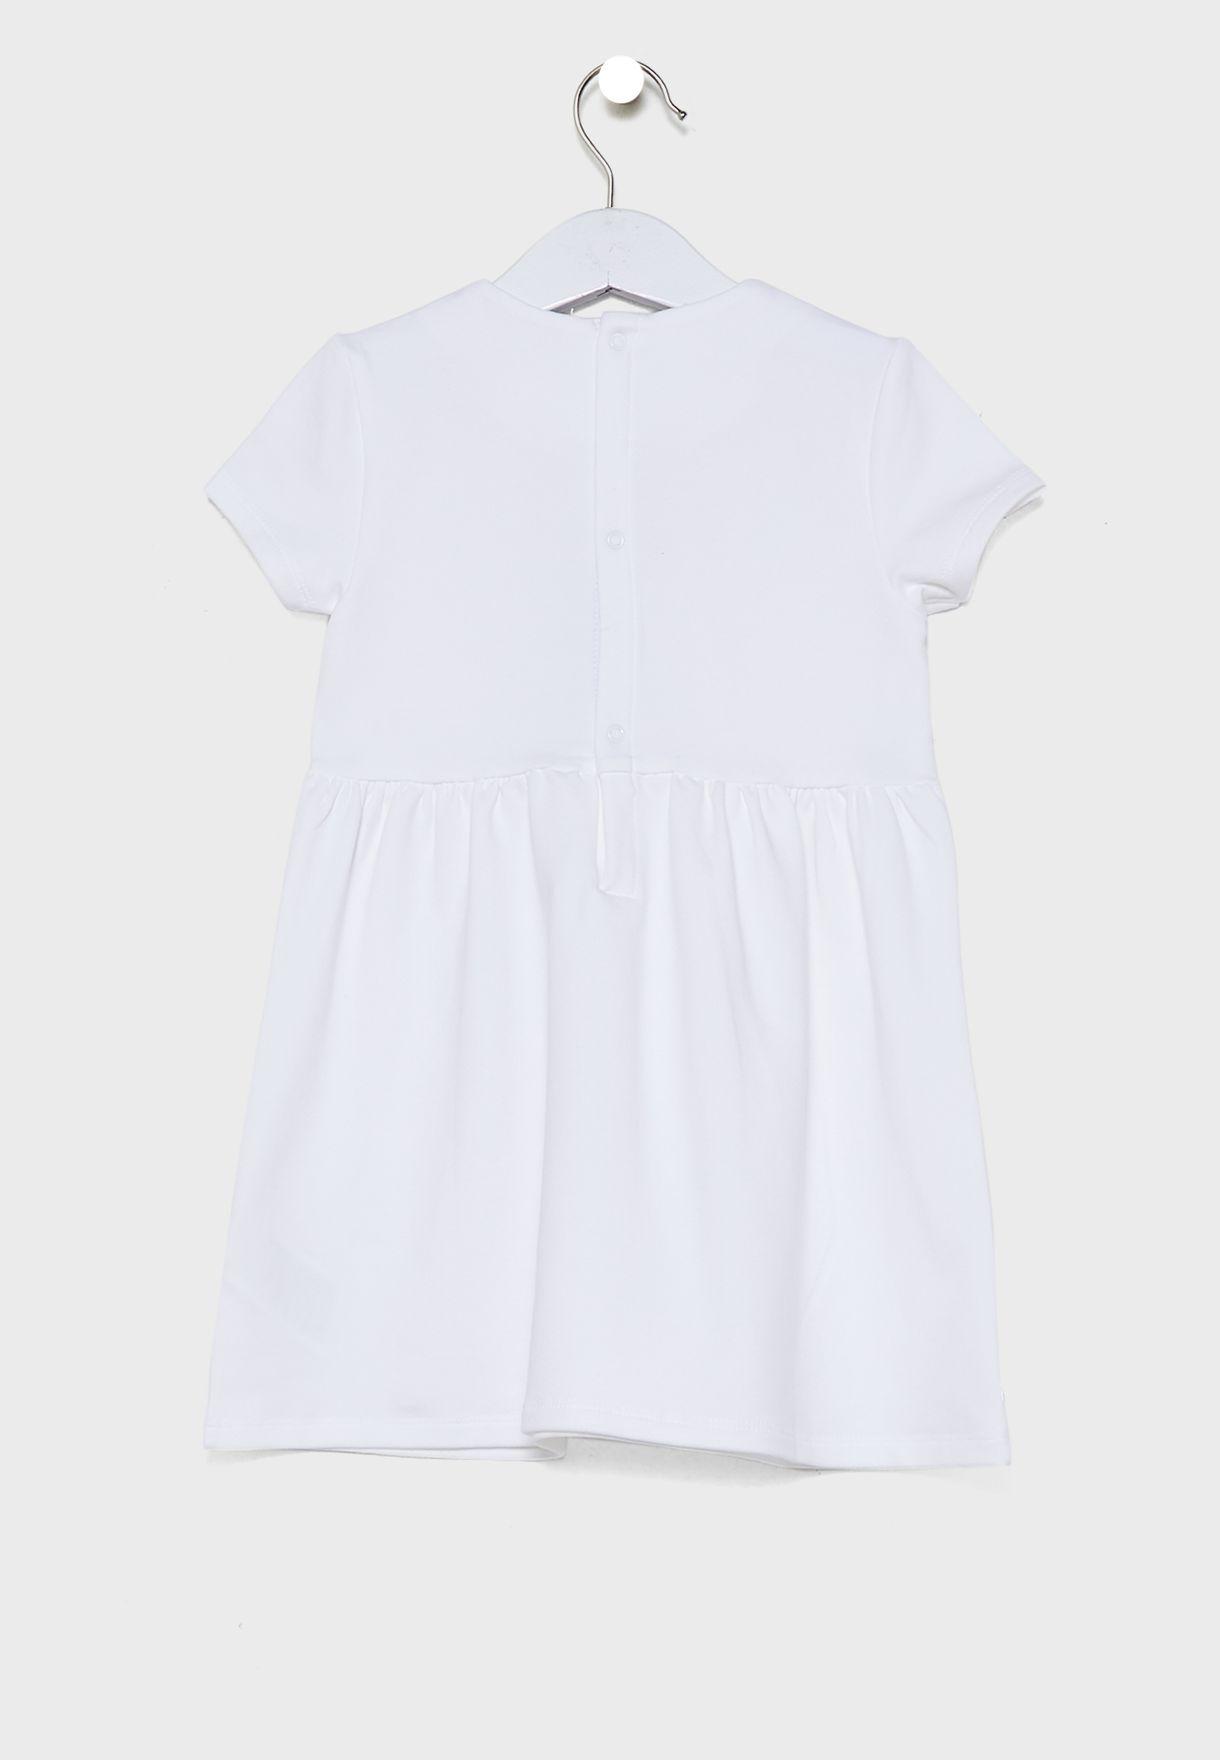 فستان بياقة دائرية للبيبي